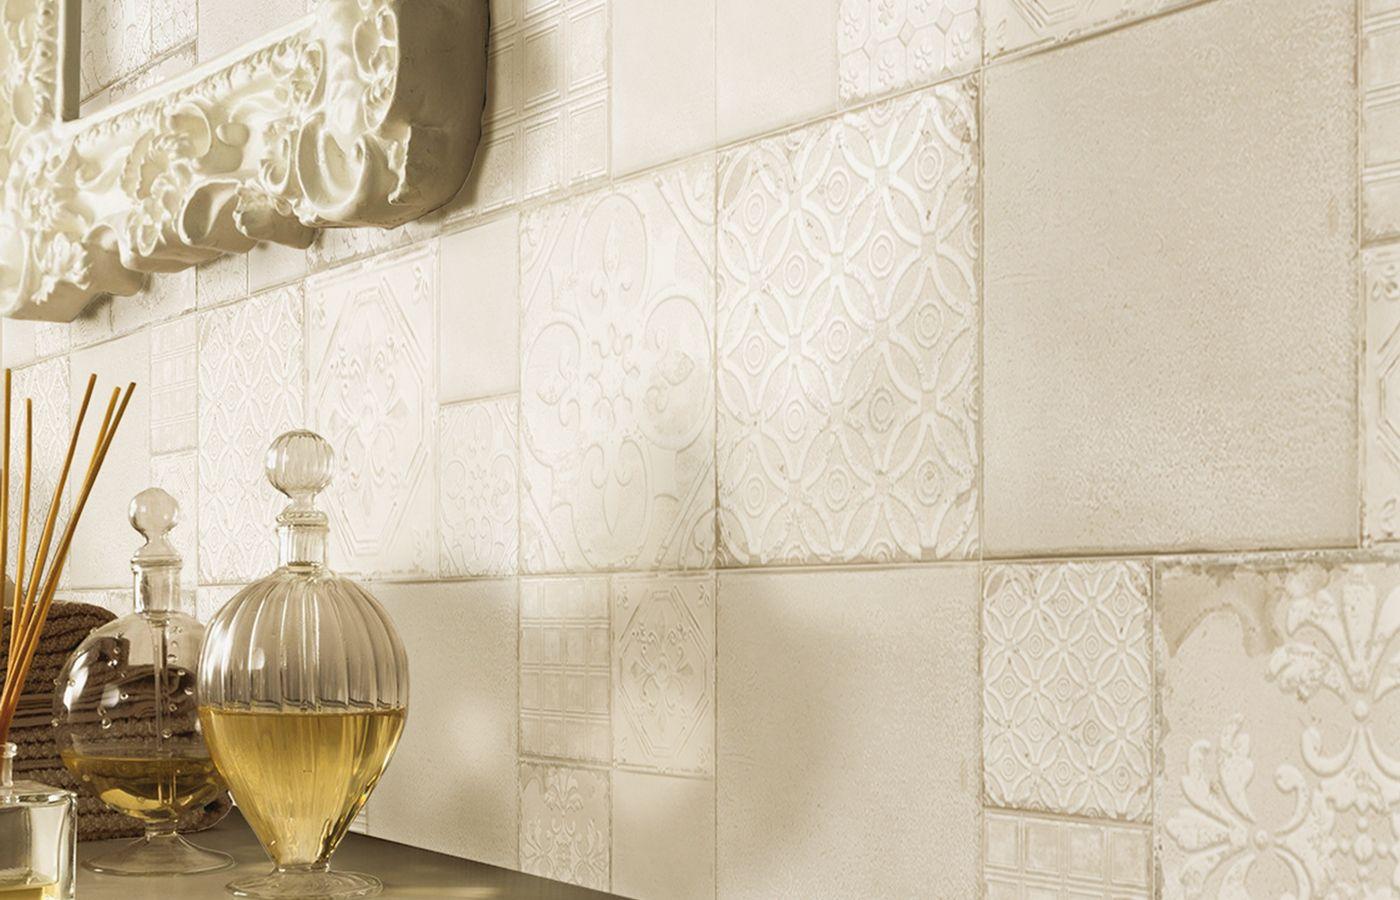 Shabby Bagno ~ Classic cir® manifatture ceramiche riabita il cotto shabby